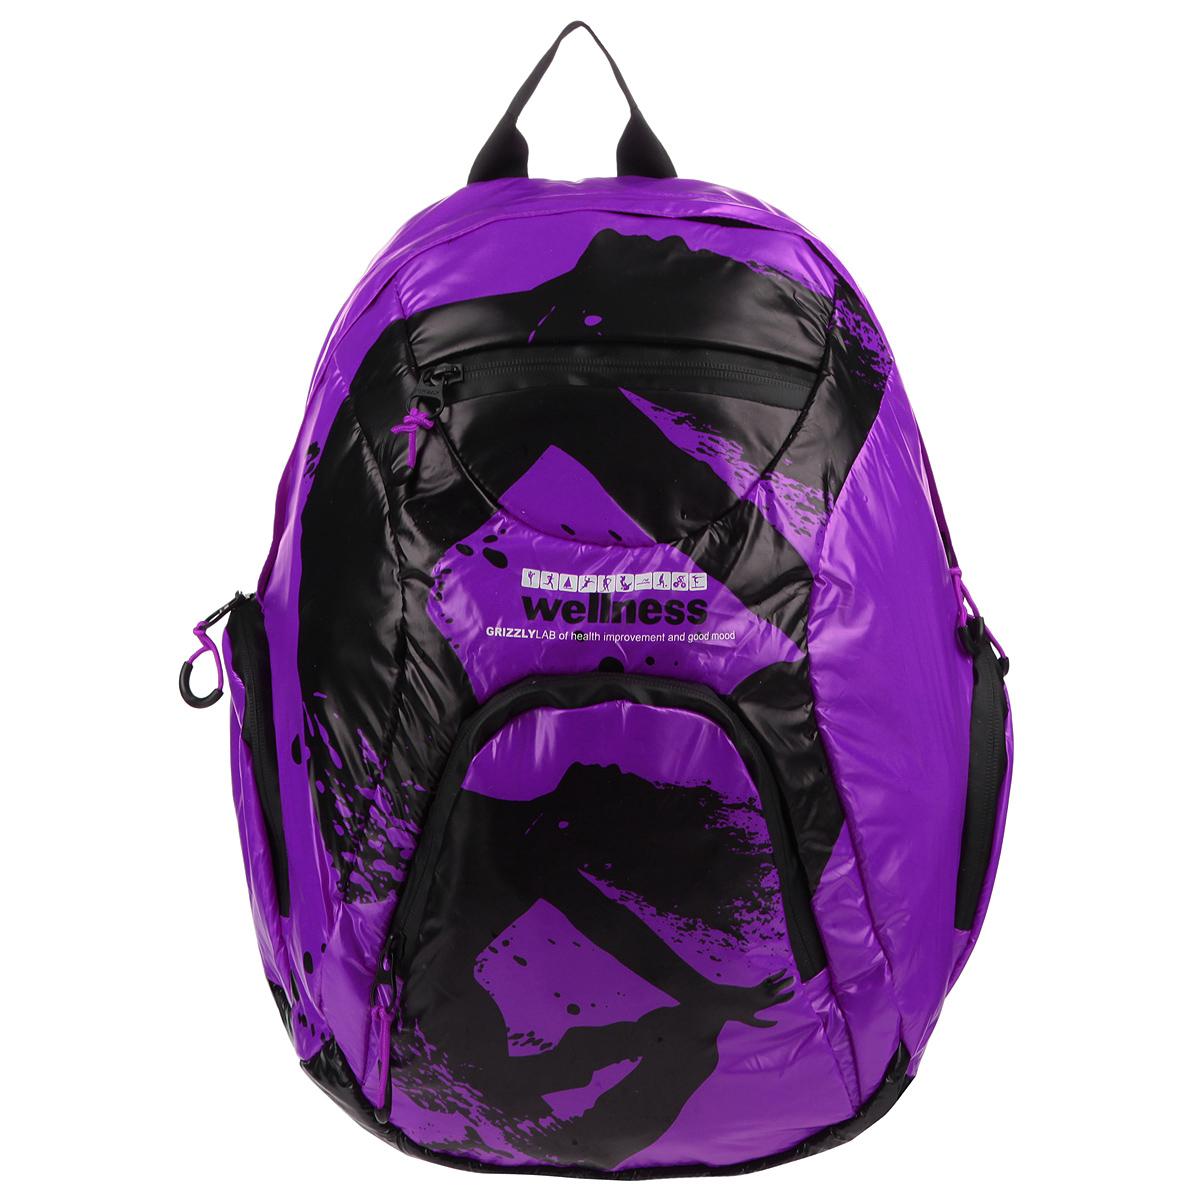 Рюкзак городской Grizzly, цвет: фиолетовый, черный. RD-418-1/4RD-418-1/4Стильный рюкзак Grizzly выполнен из нейлона фиолетового цвета и оформлен черным оригинальным принтом. Рюкзак имеет одно отделение, закрывающееся на застежку-молнию с двумя бегунками.Внутри отделения имеется большой врезной карман на молнии. На лицевой стороне расположены врезной и накладной карманы, так же на молнии. Внутри накладного кармана имеются открытый карман и карман-сетка на молнии.По бокам рюкзак снабжен двумя накладными кармашками на молнии.Рюкзак оснащен плечевыми лямками регулируемой длины из нейлона и короткой ручкой. Стильный рюкзак эффектно дополнит ваш яркий образ.